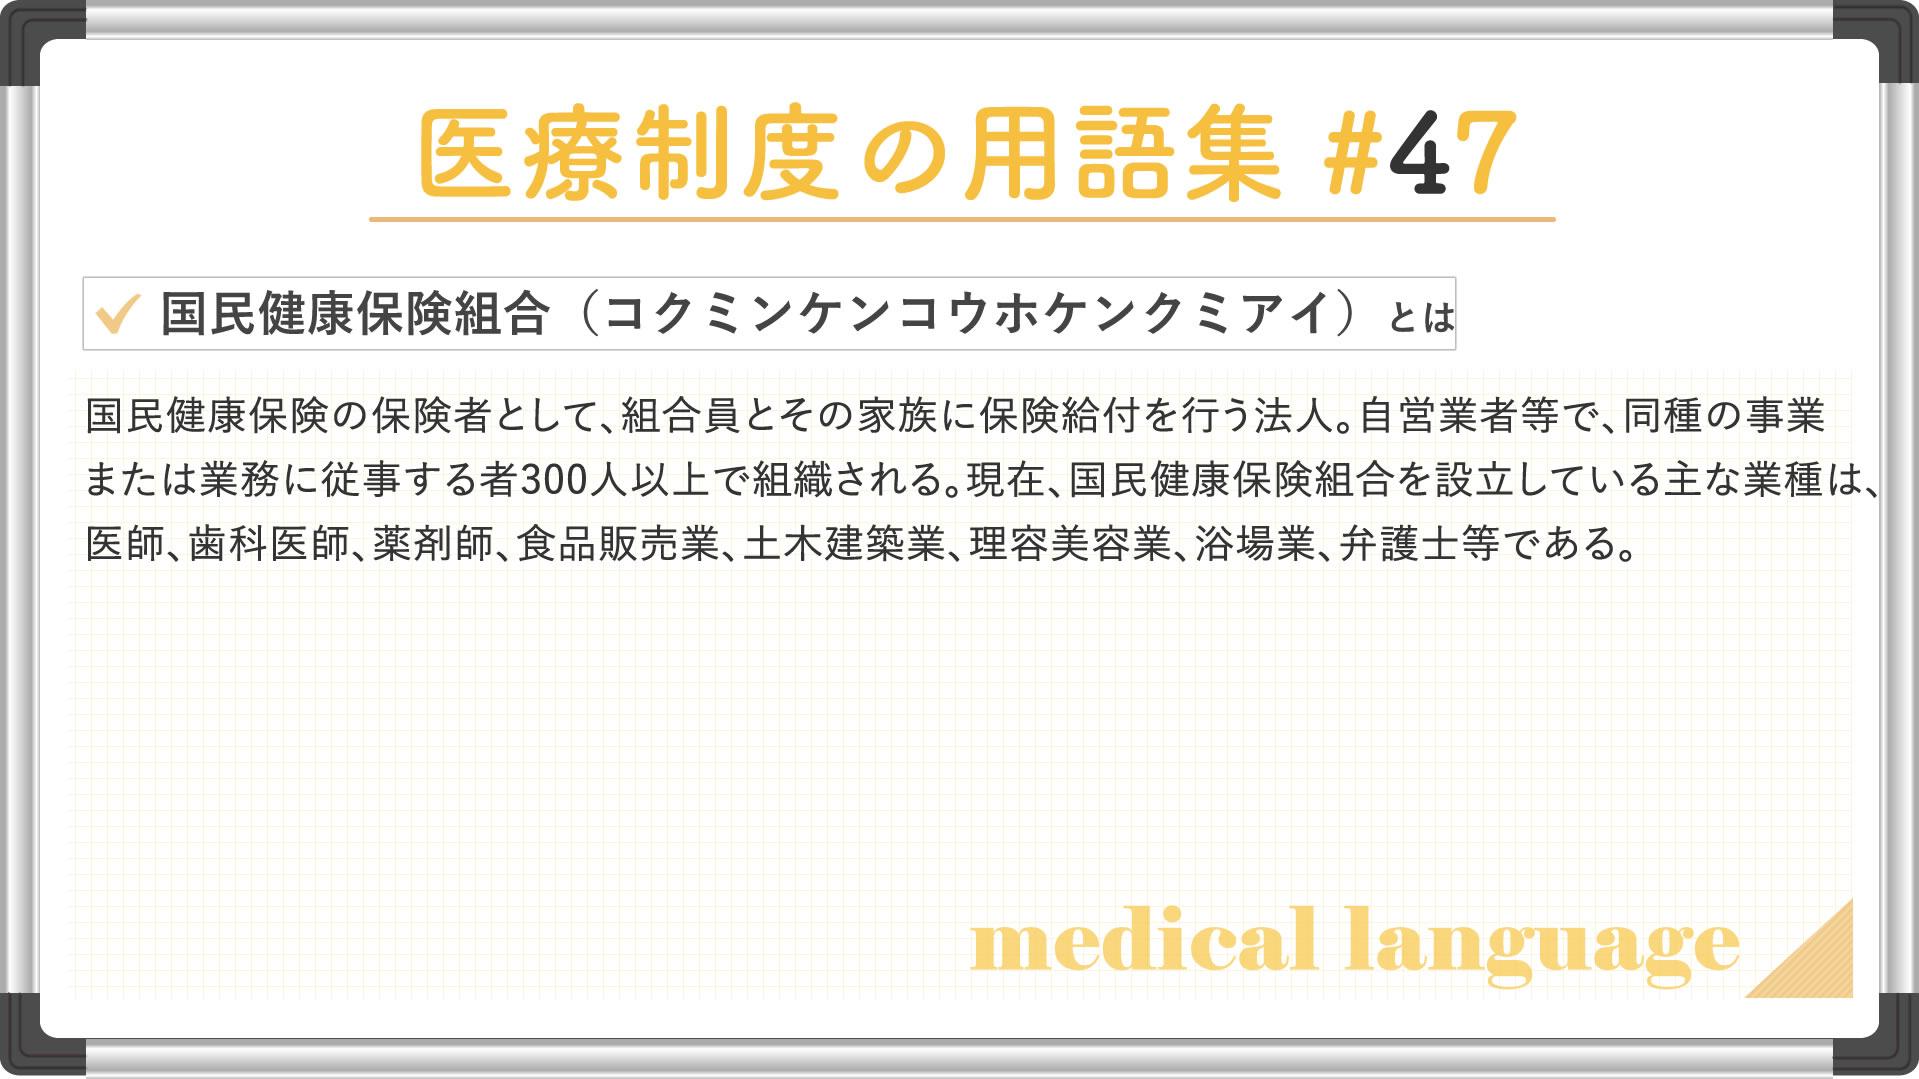 国民健康保険組合(コクミンケンコウホケンクミアイ)の説明画像